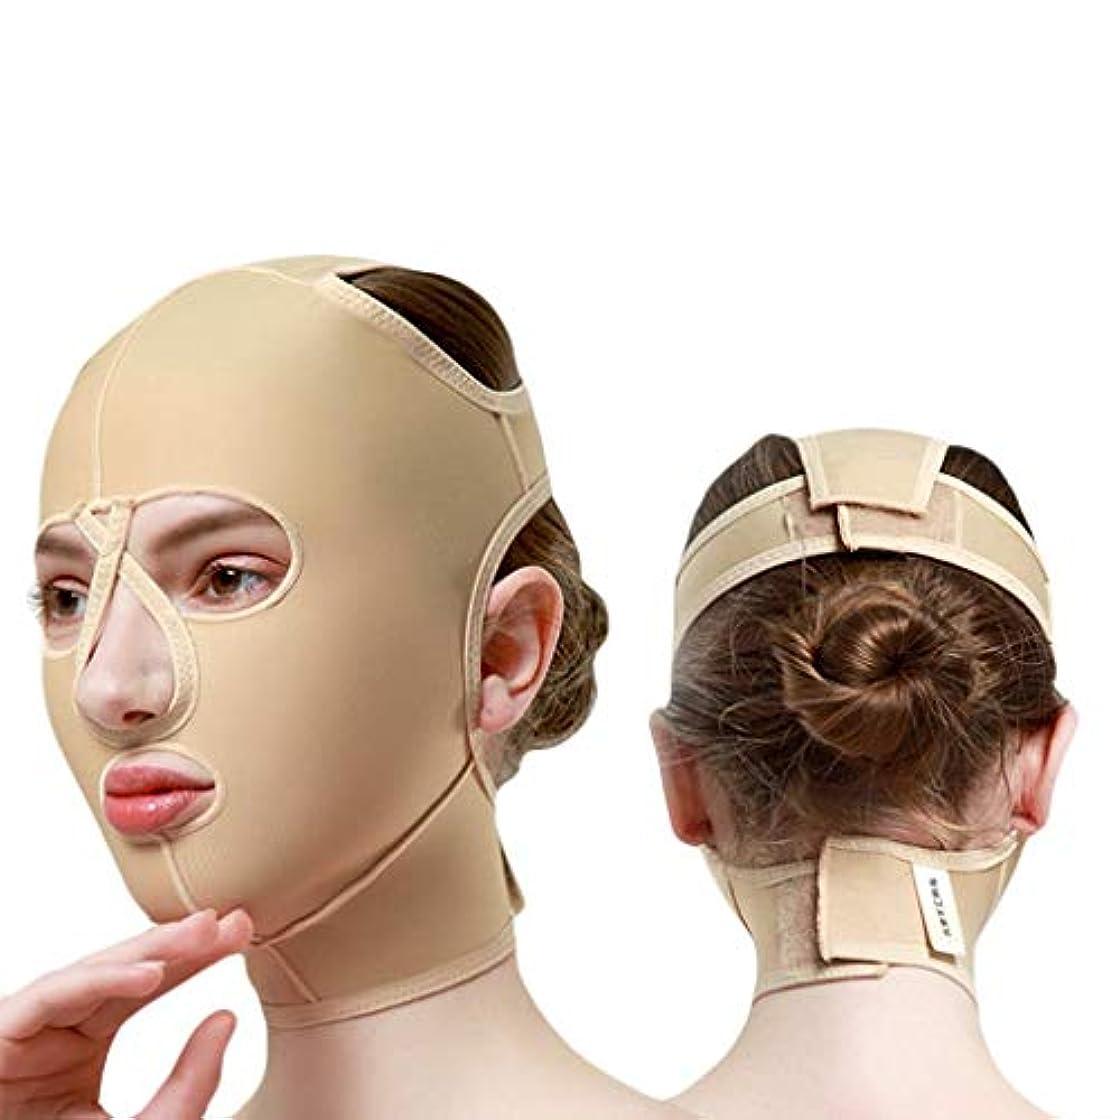 エゴマニア余計なエンゲージメントチンストラップ、顔彫りツール、リフティングマスク、ダブルチンリデューサー、フェイスリフティングエラスティックマスクメス(サイズ:M),S